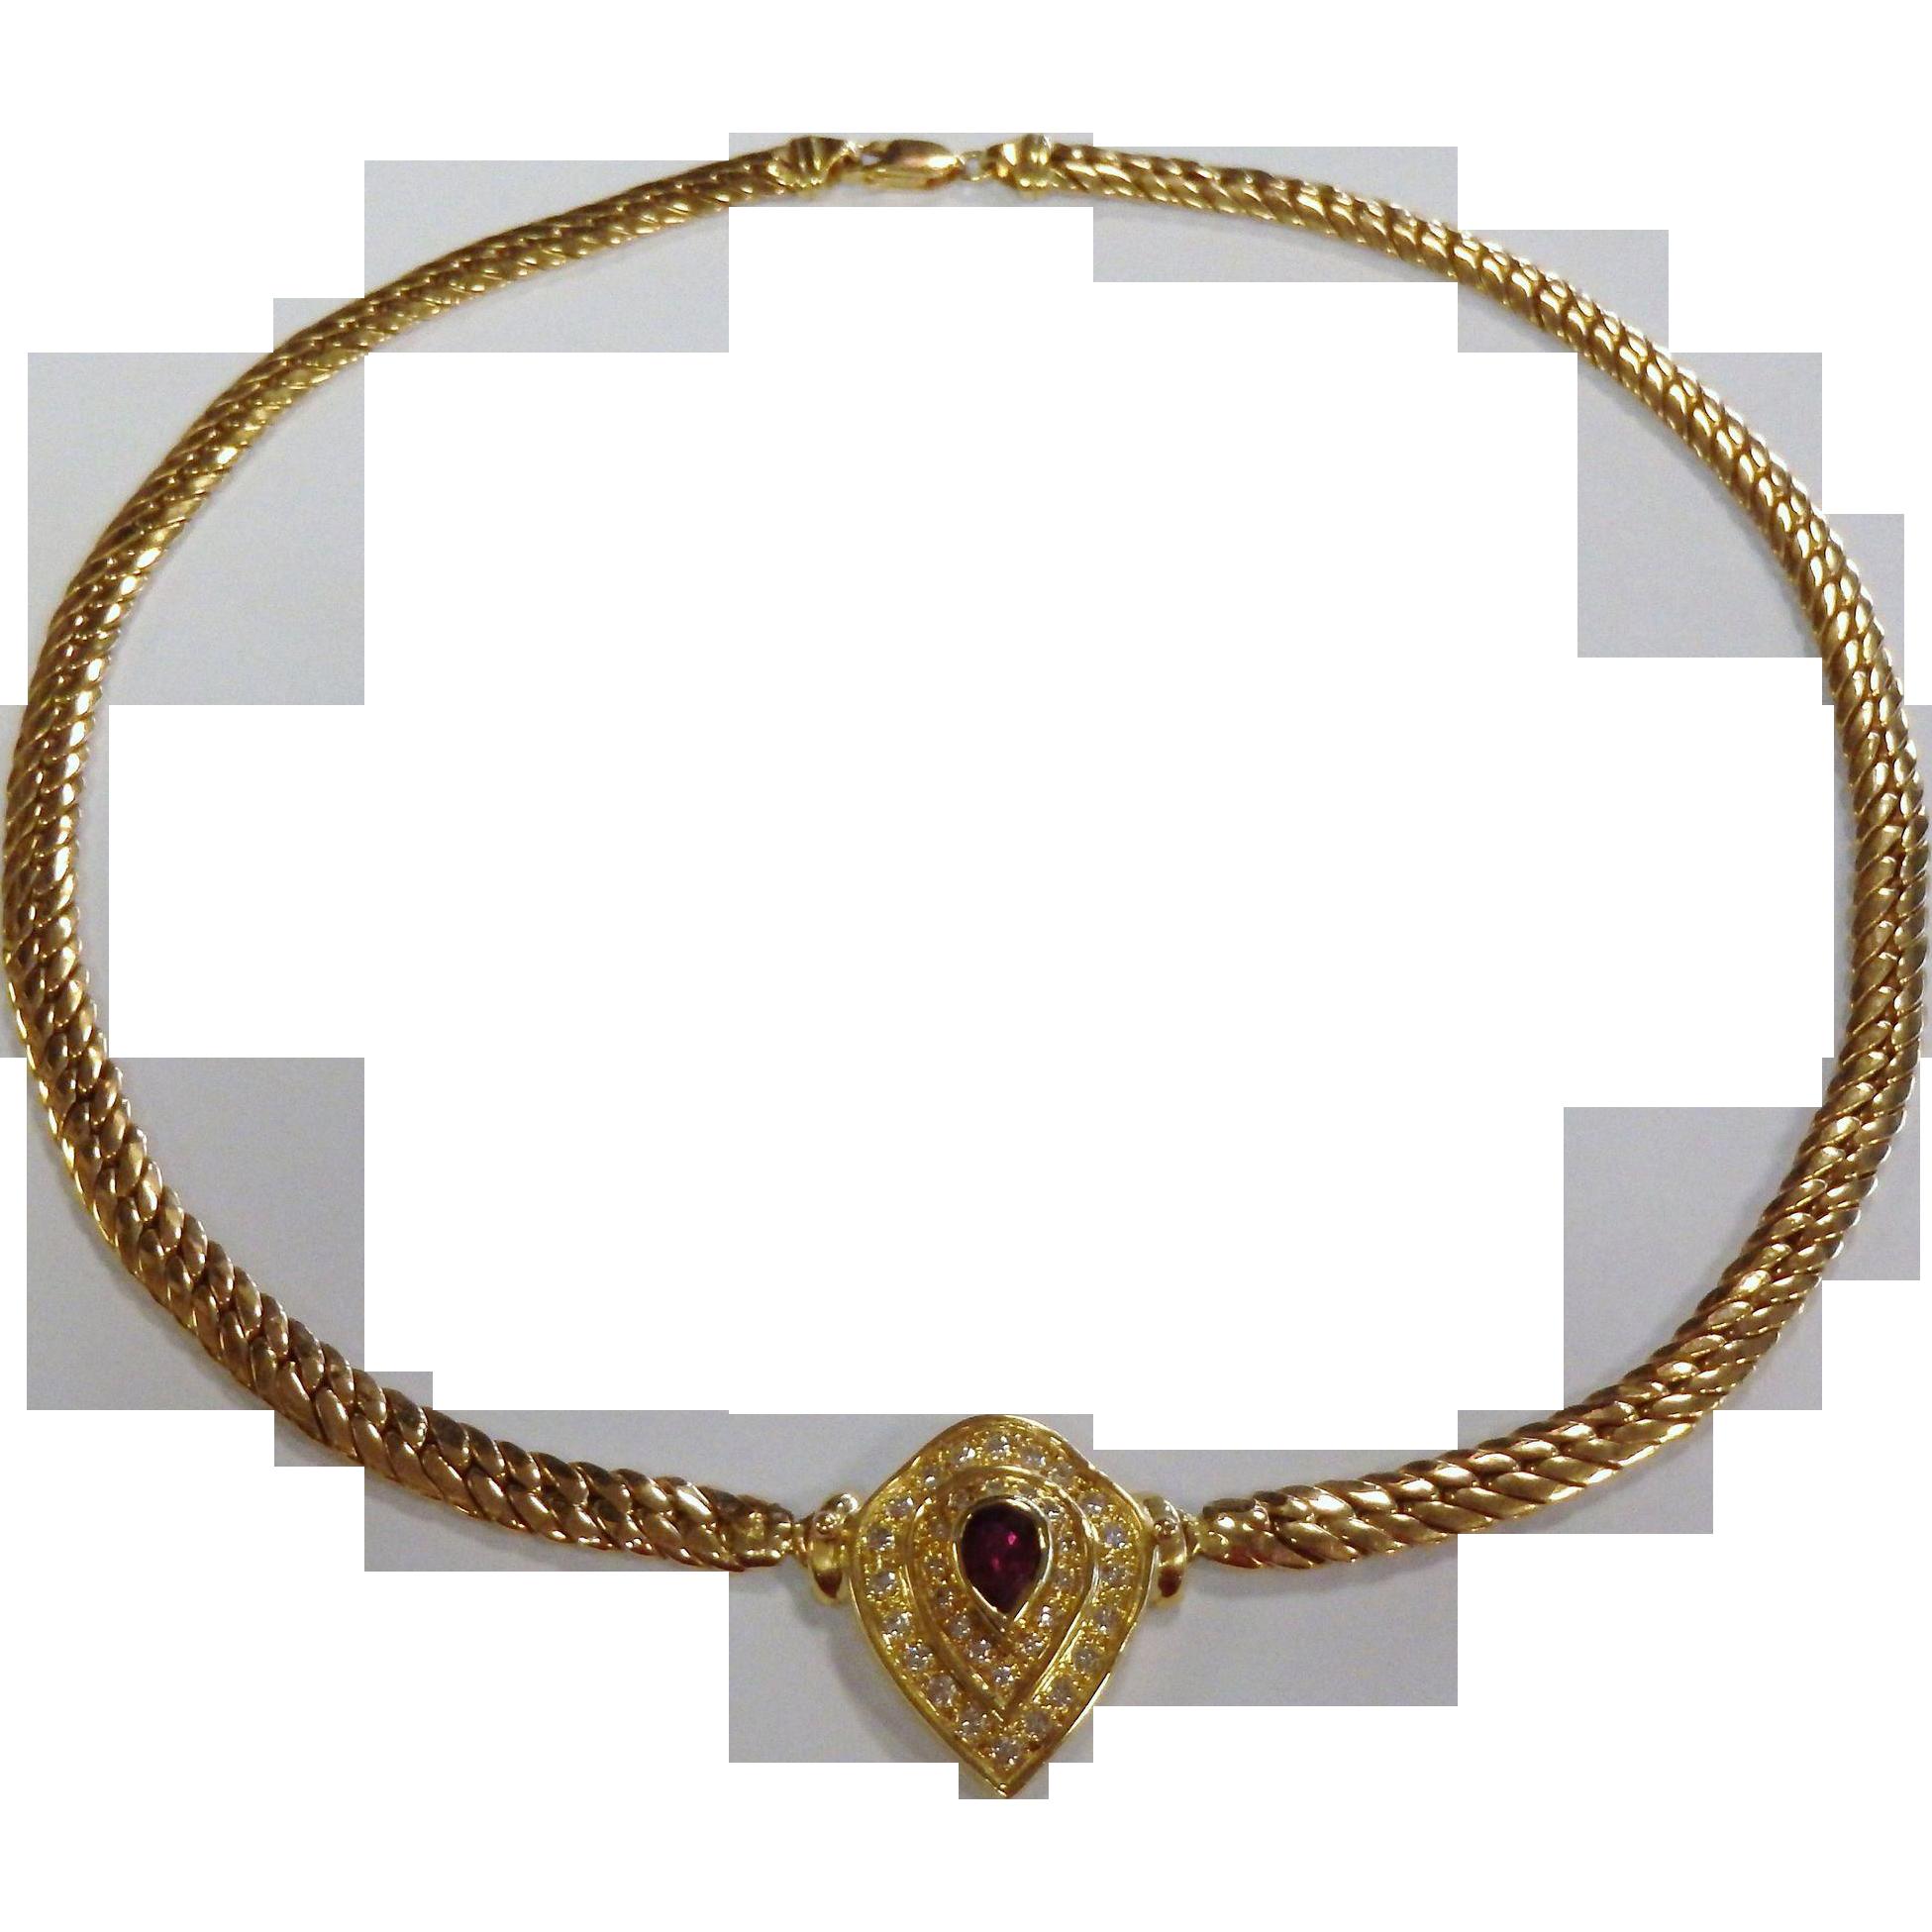 Fabulous 18K Yellow Gold Choker Necklace w/ Ruby & Diamonds